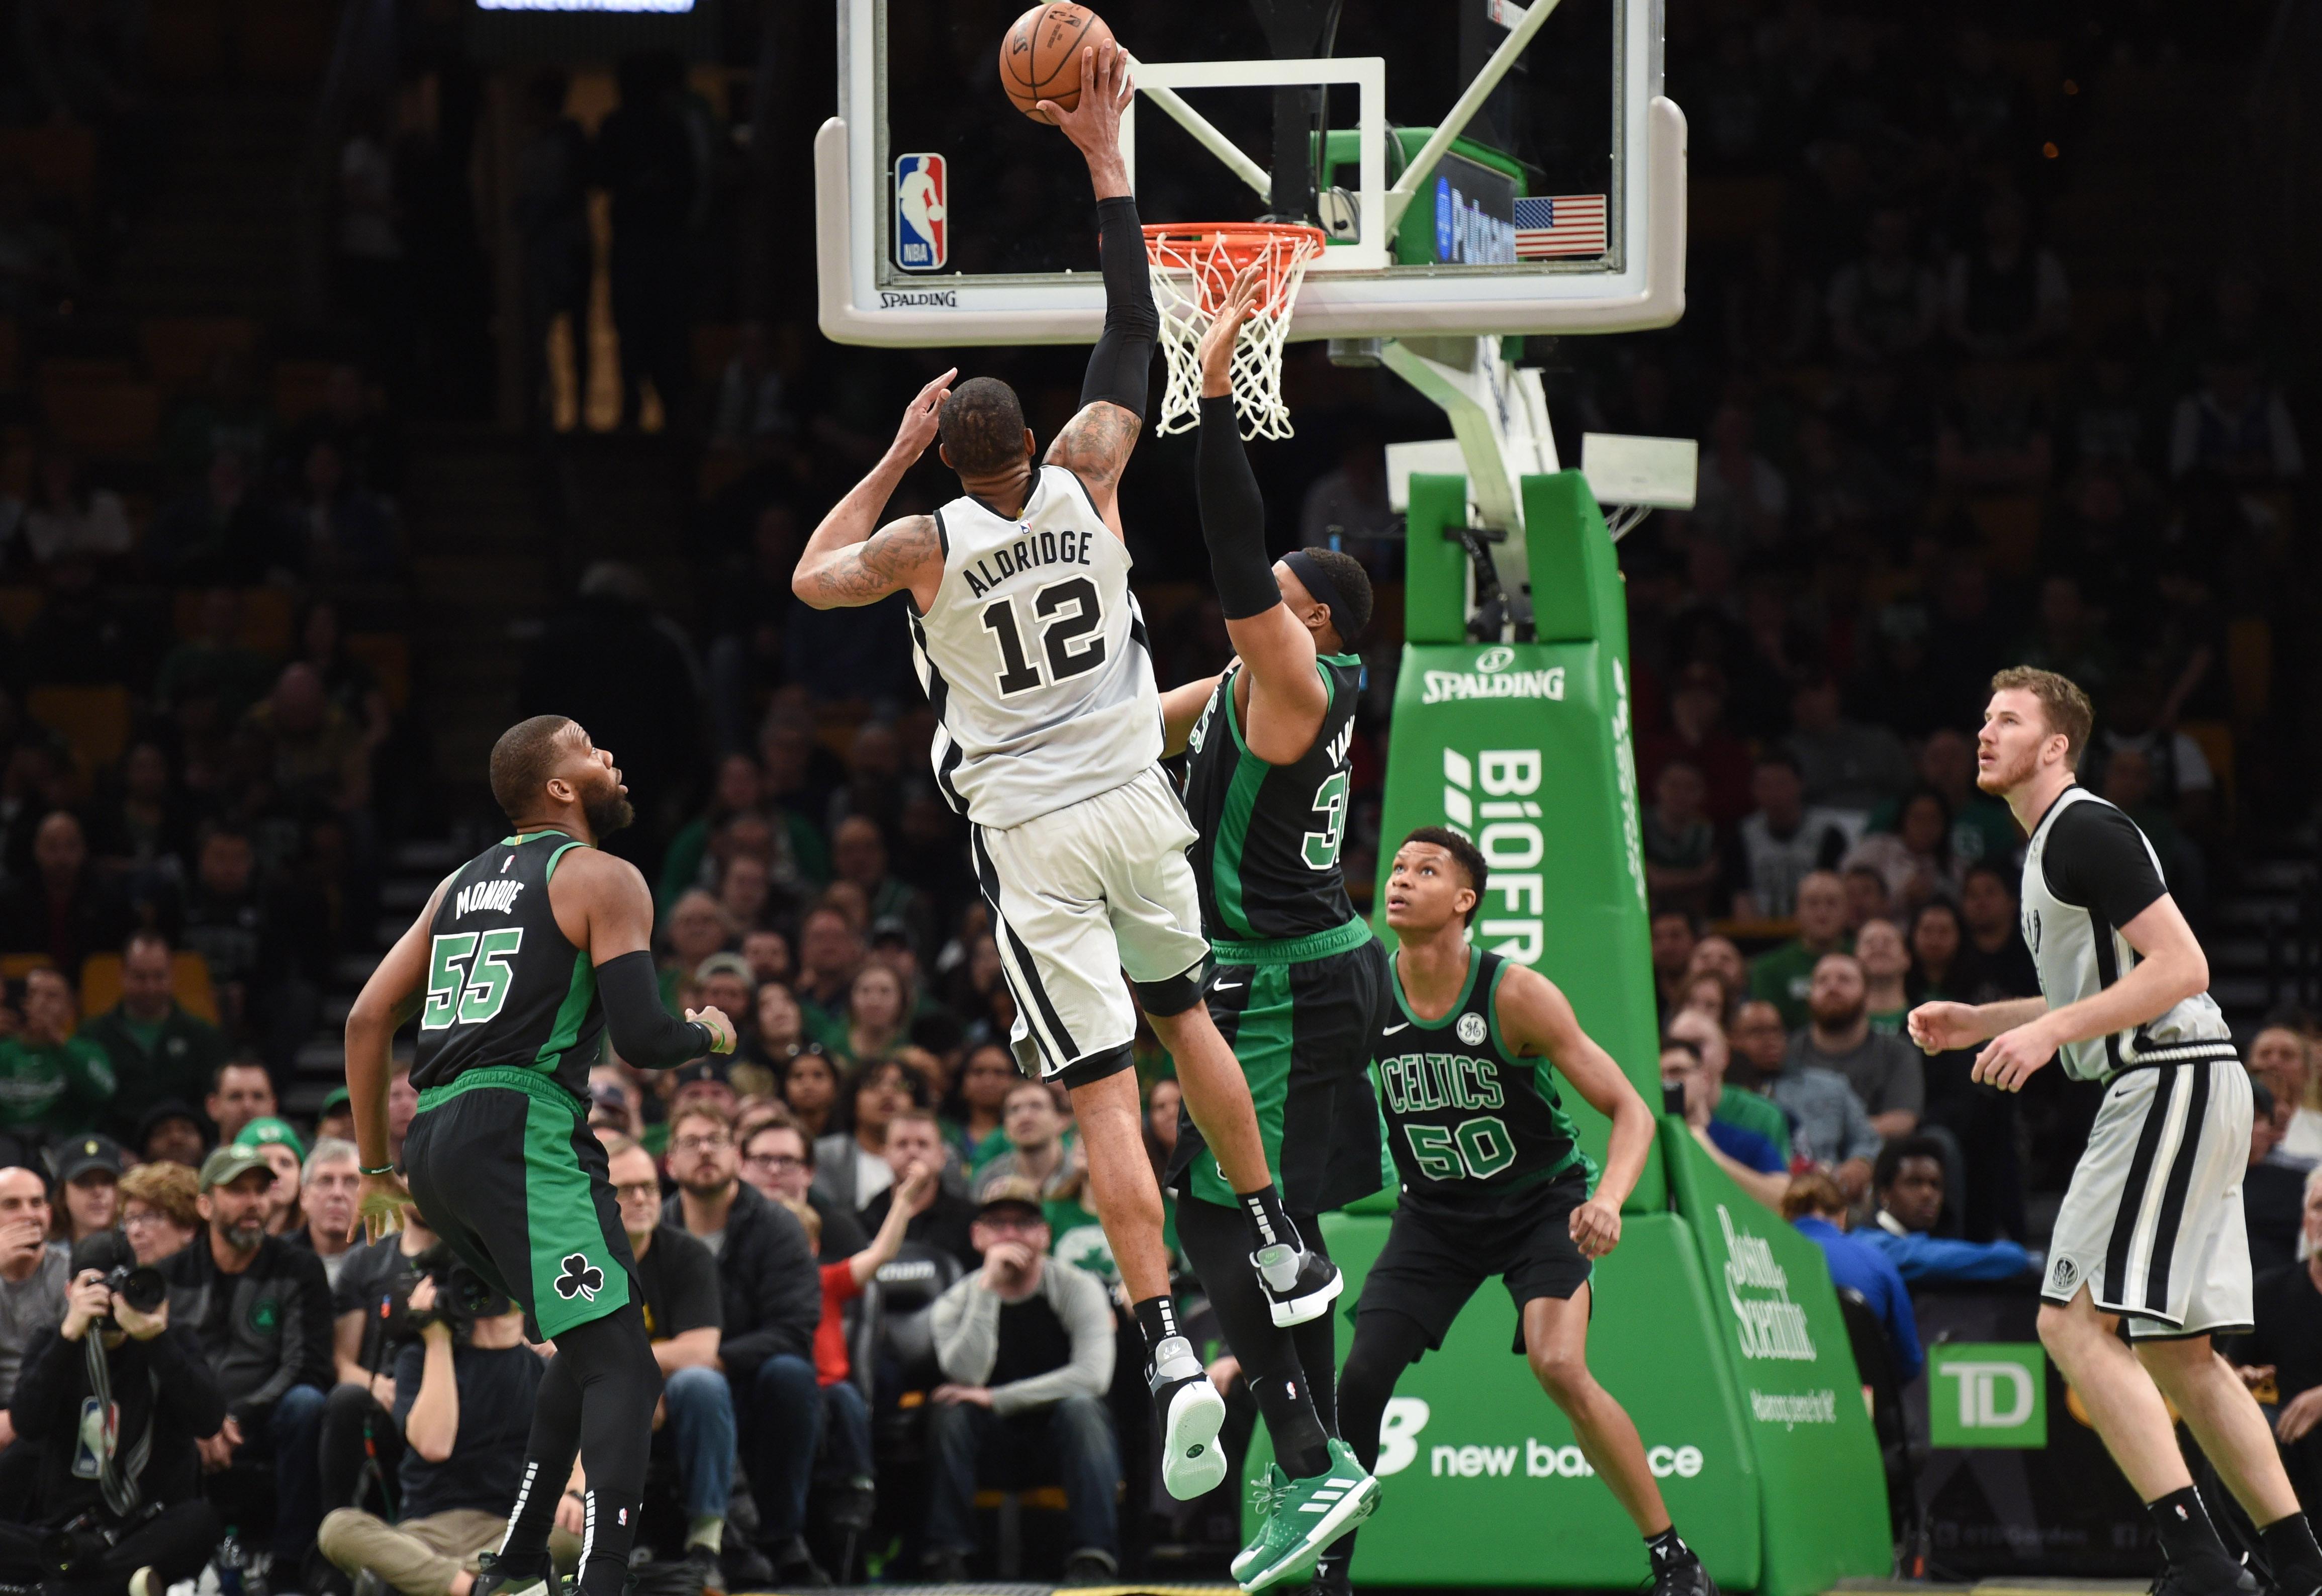 NBA: San Antonio Spurs at Boston Celtics